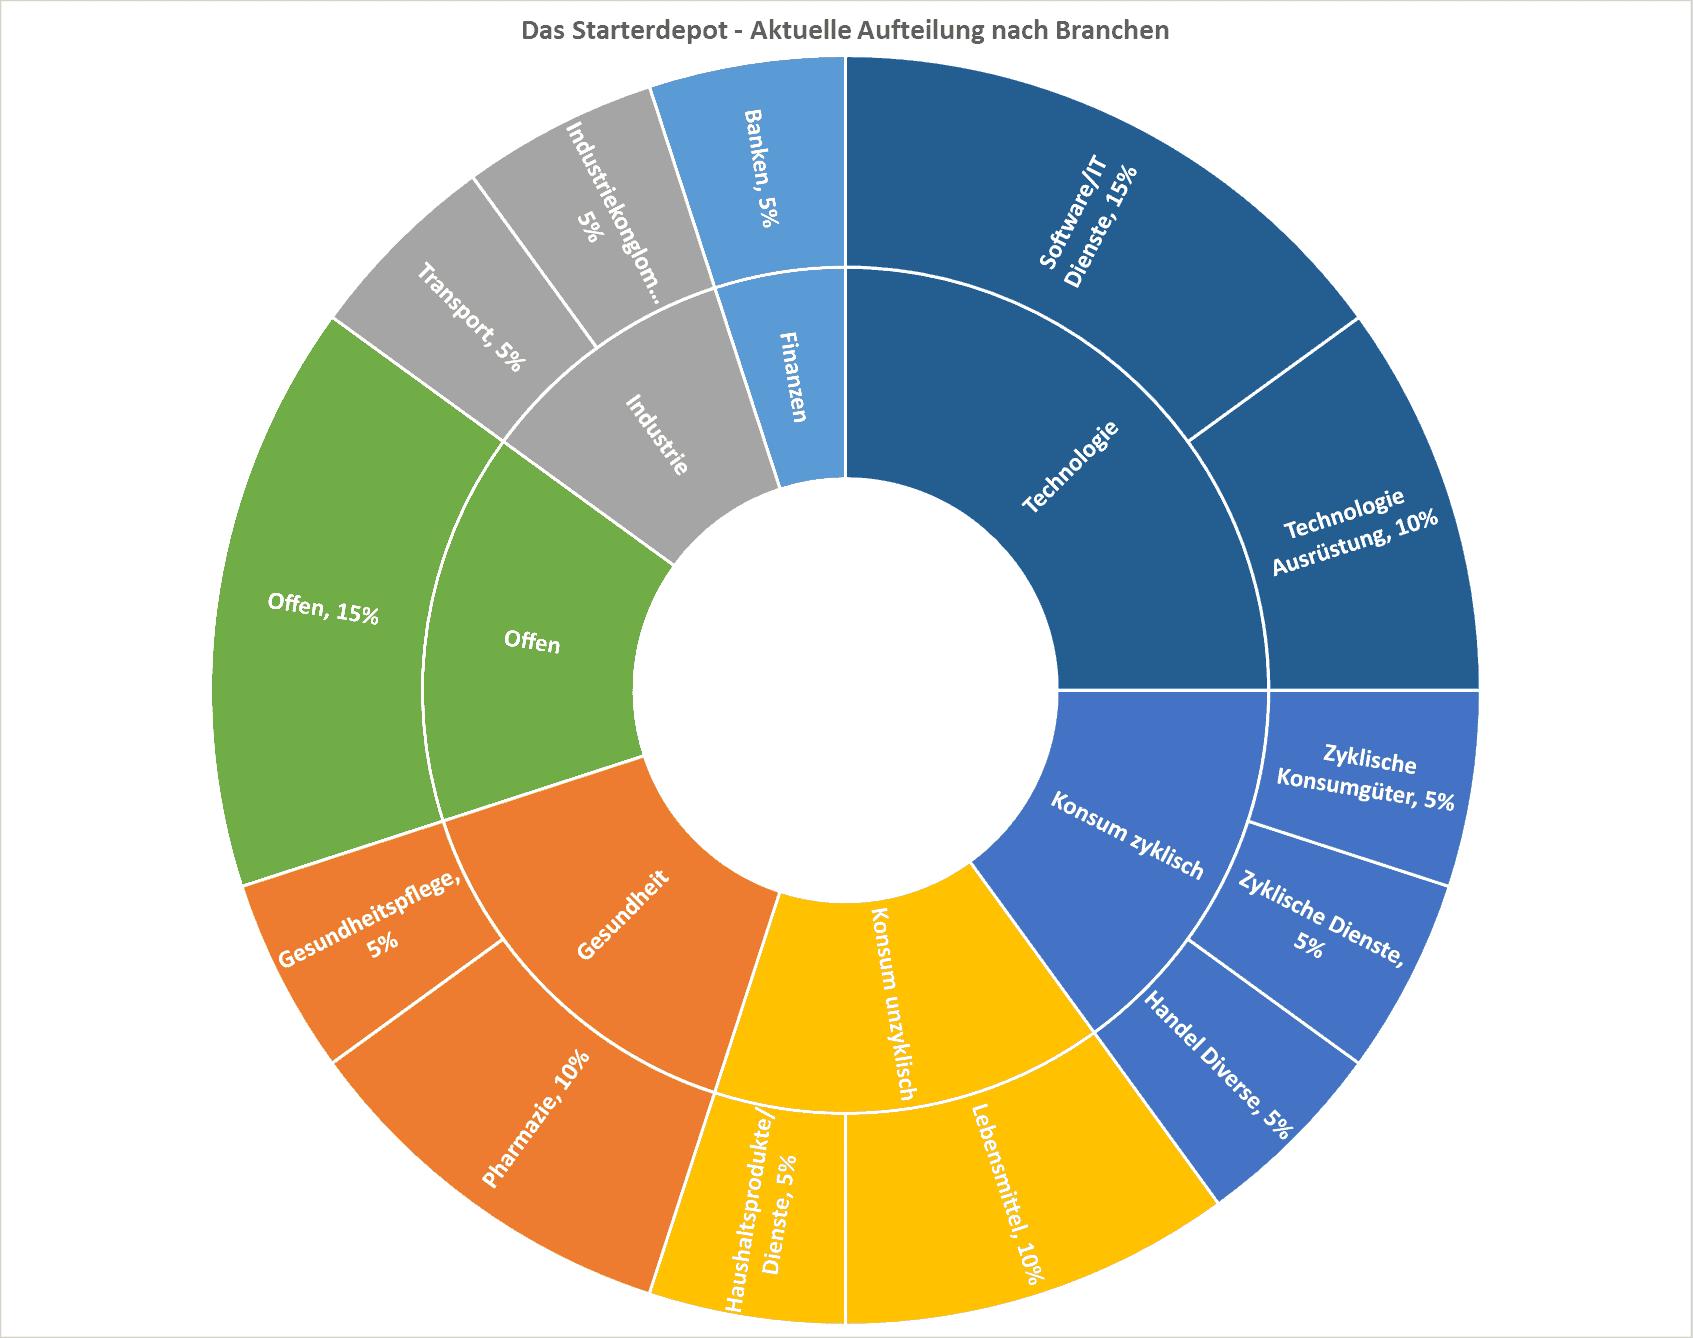 Starterdepot - Aufteilung nach Branchen 2019-09-10